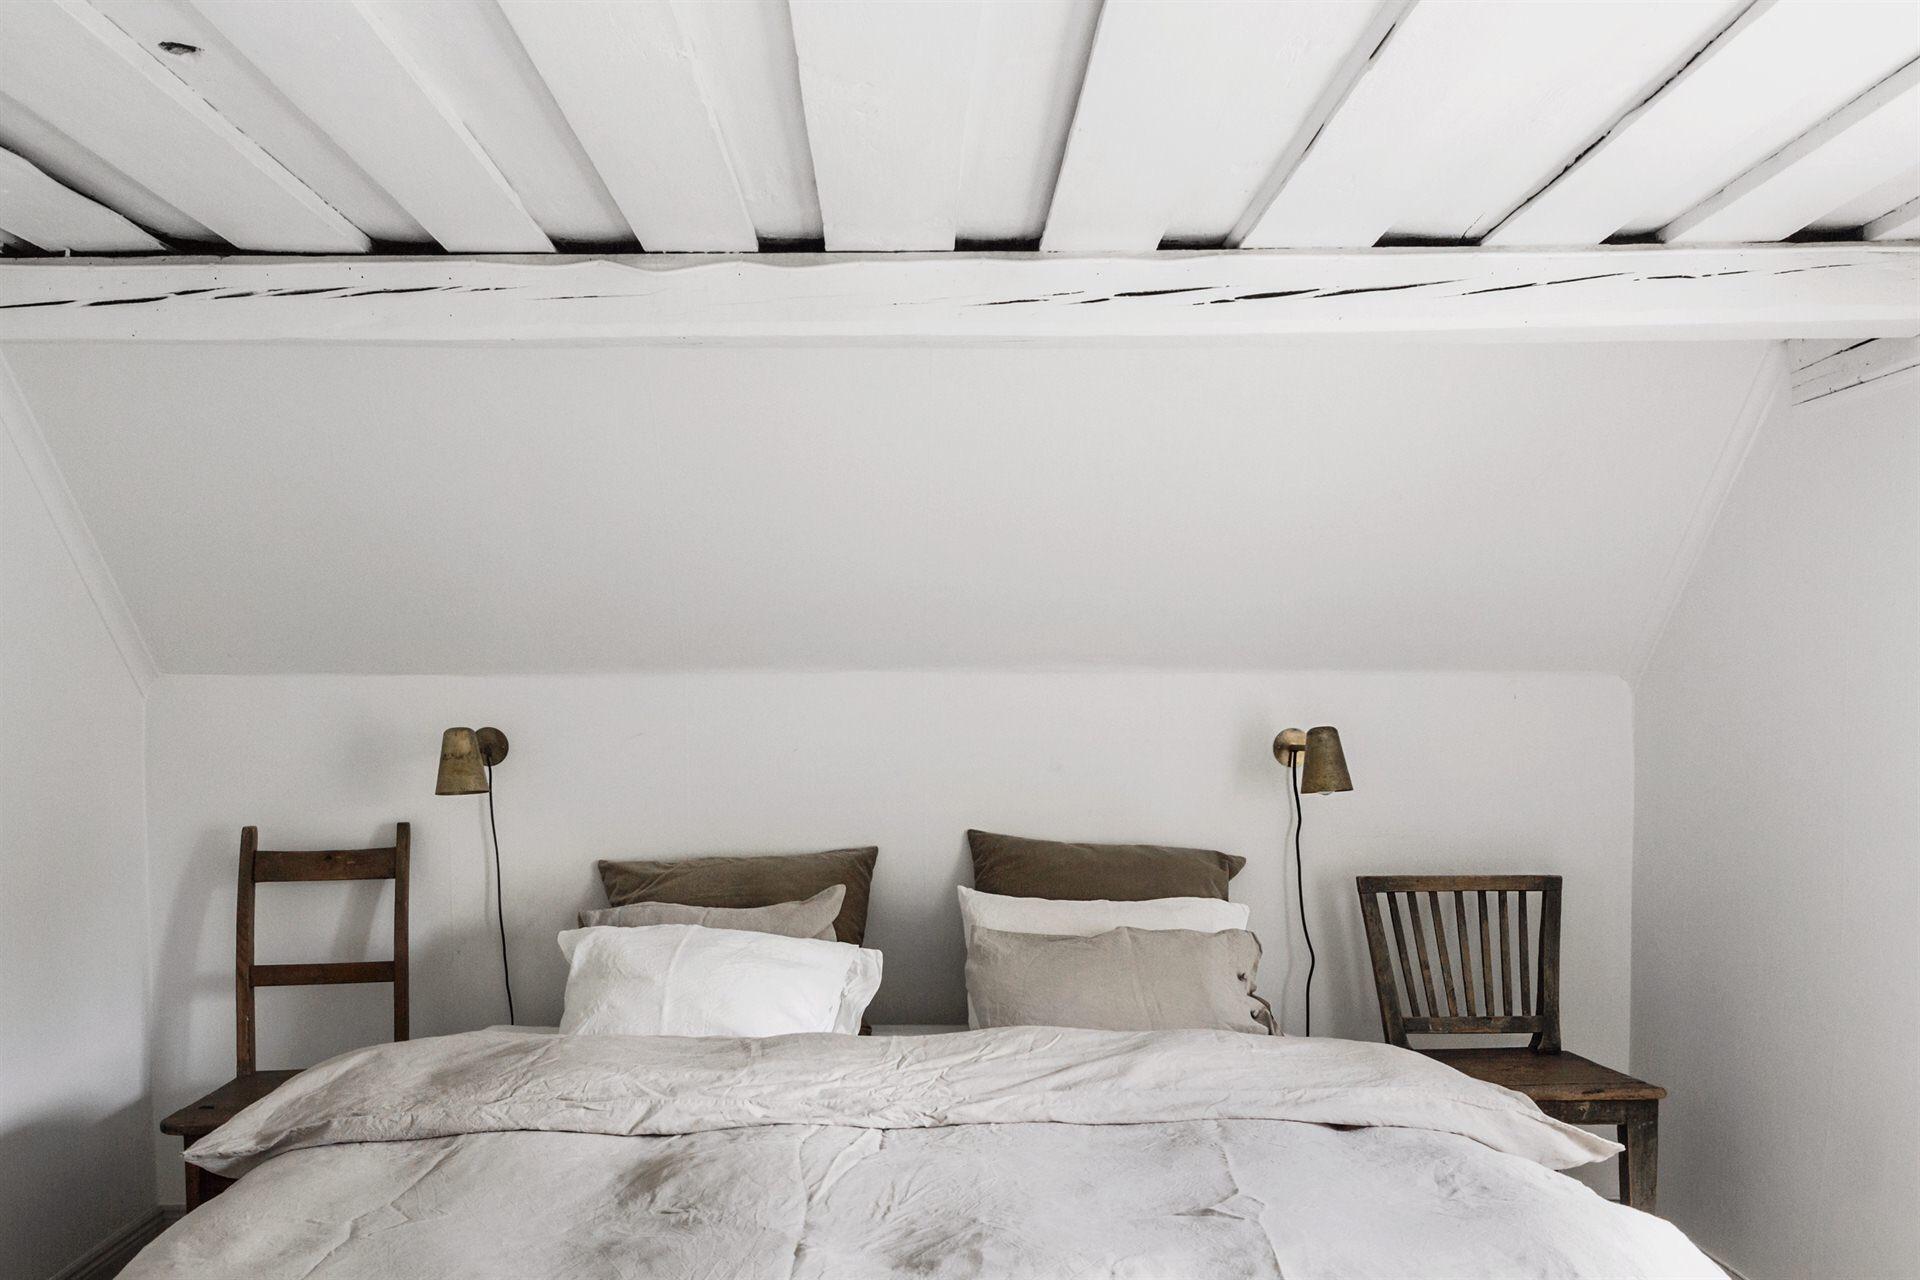 мансарда кровать текстиль прикроватные настенные светильники стулья